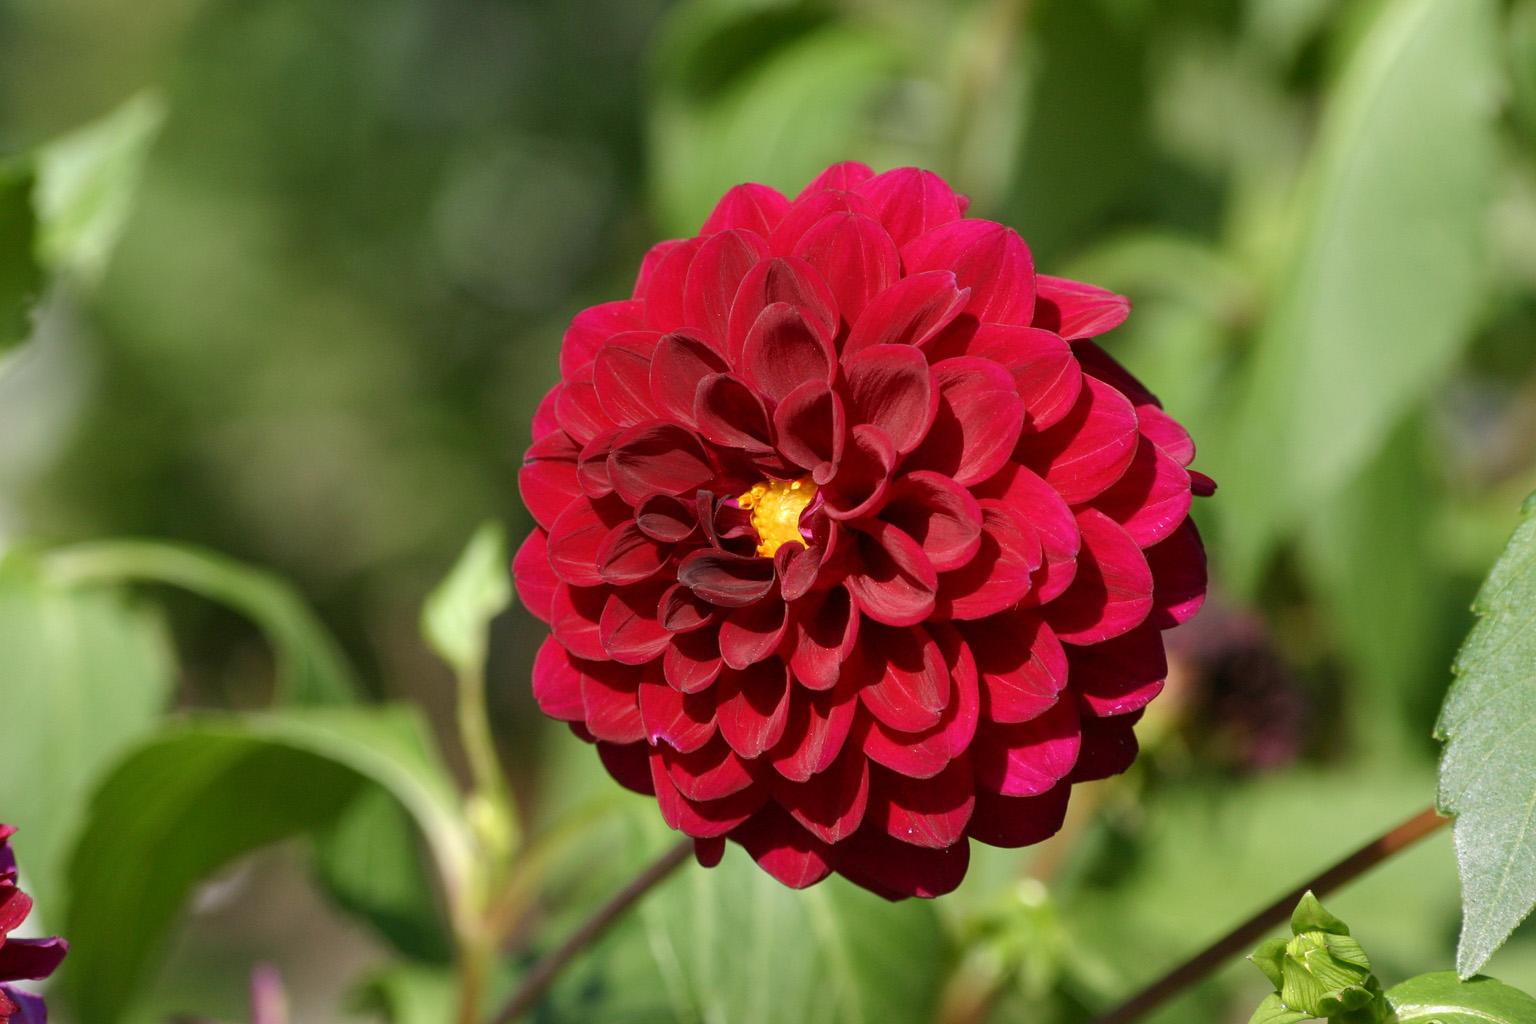 Fleur rouge sur freemages for Les fleur